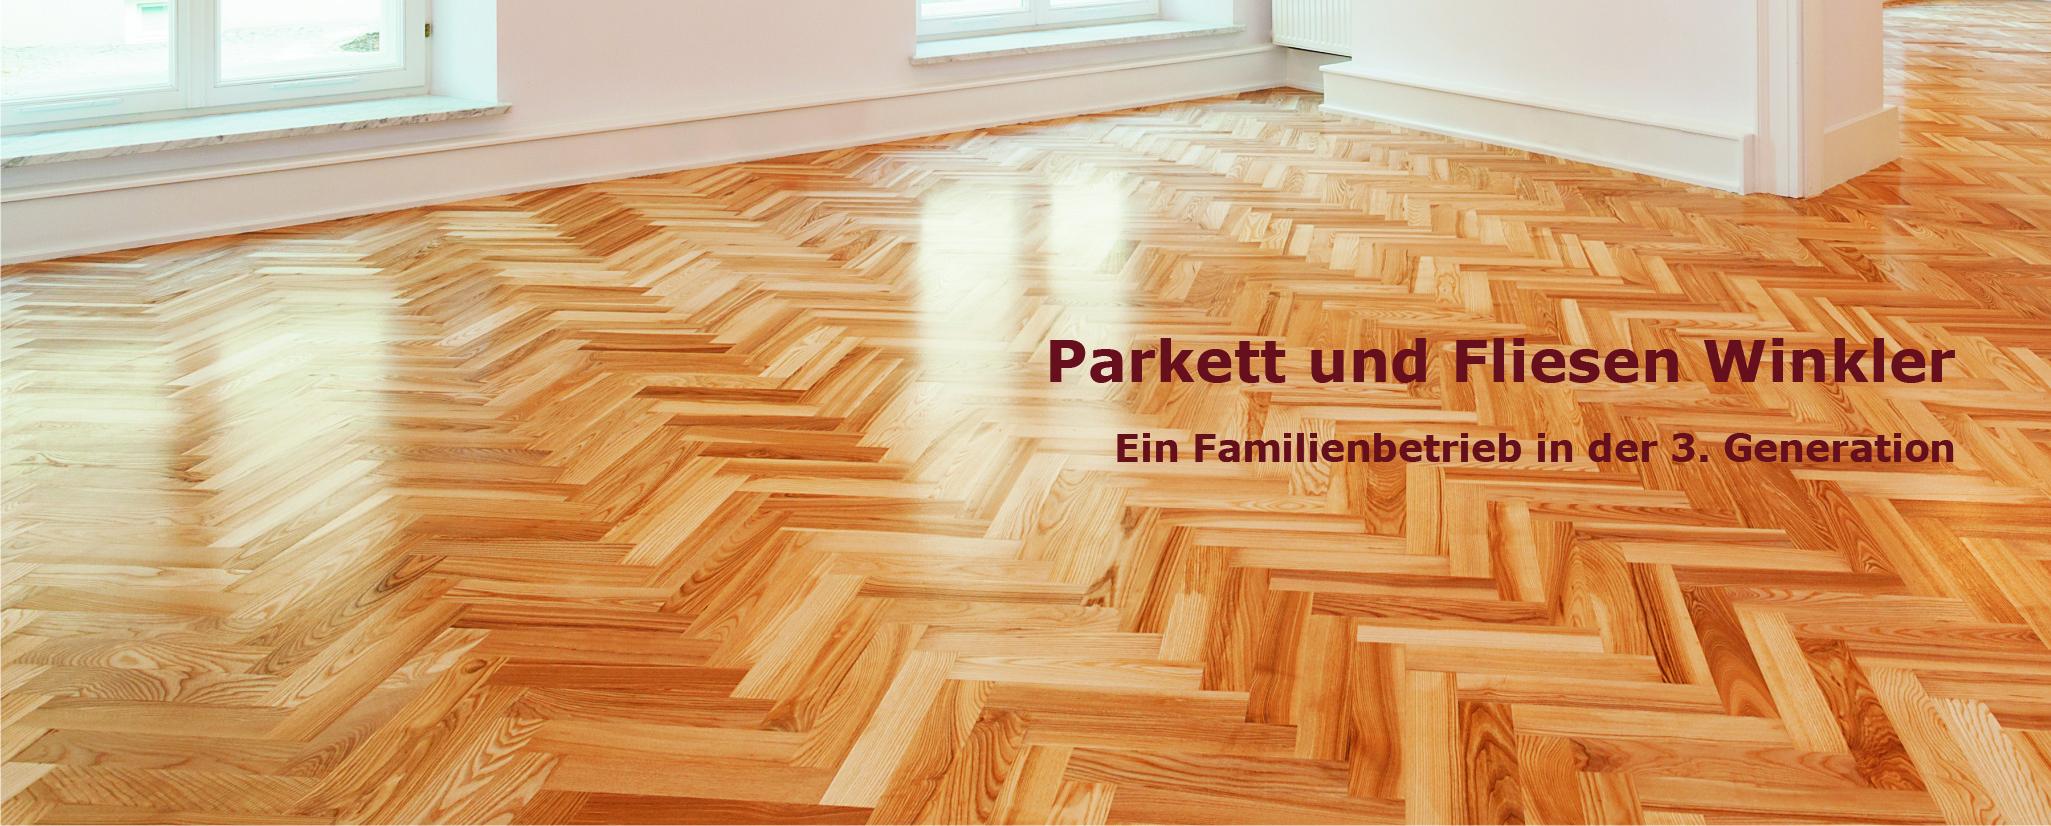 Startseite - Parkett & Fliesen Winkler GmbH